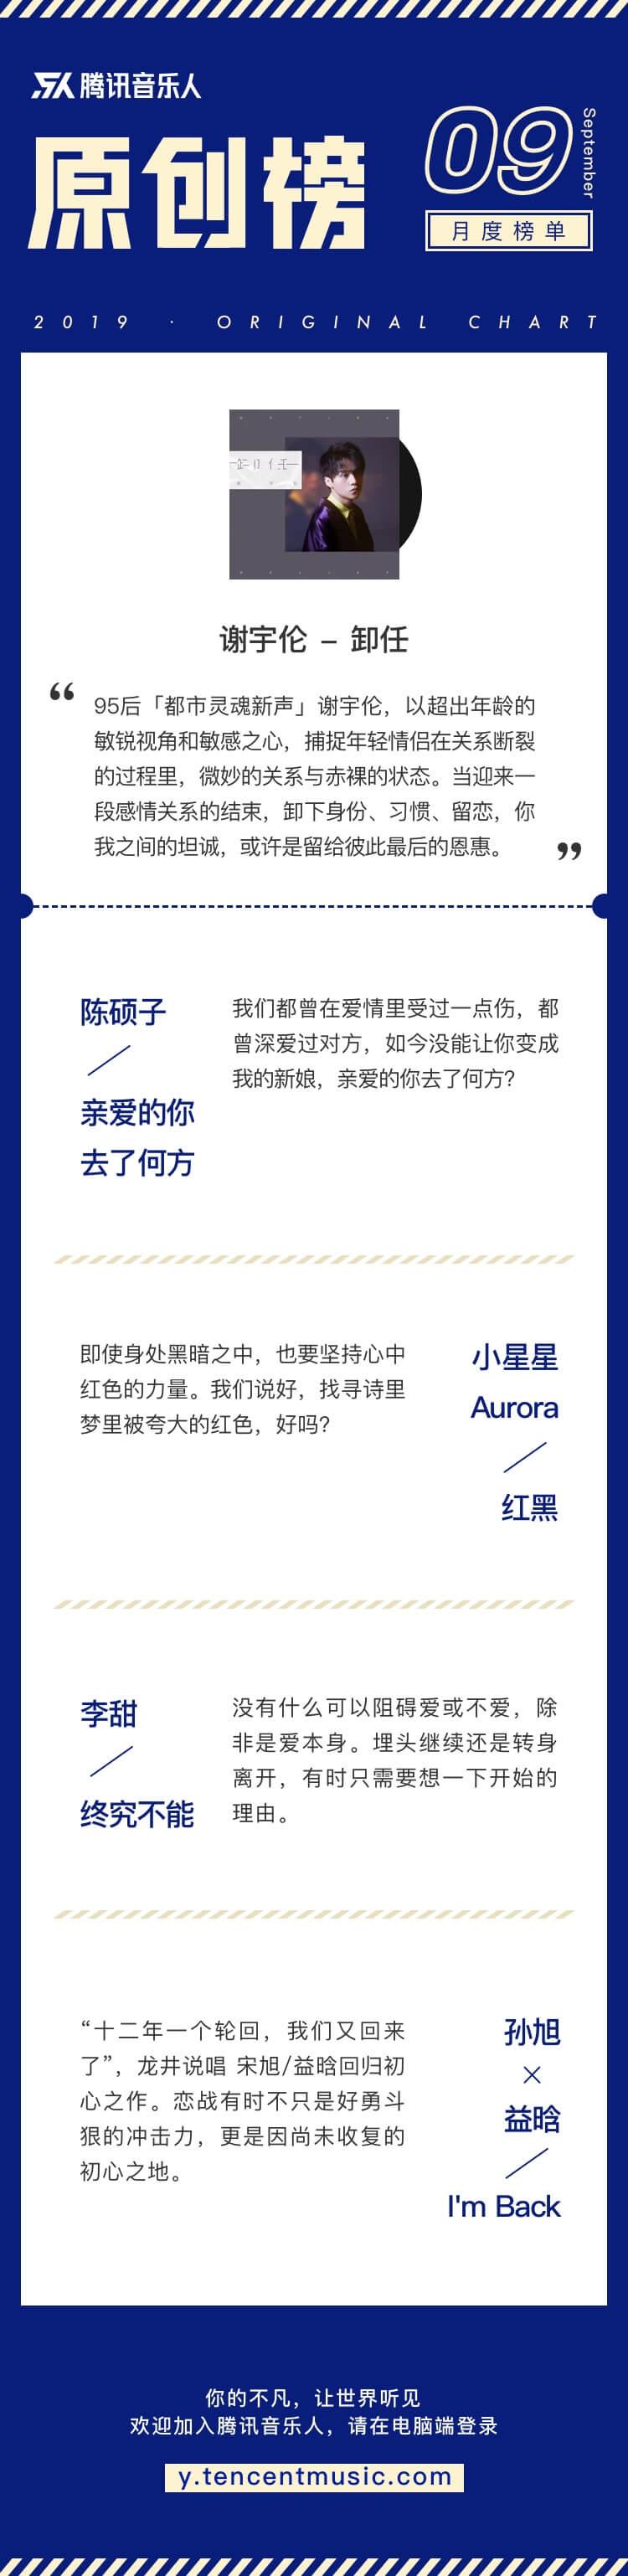 腾讯音乐人原创榜9月月榜出炉 谢宇伦携新曲《卸任》夺冠